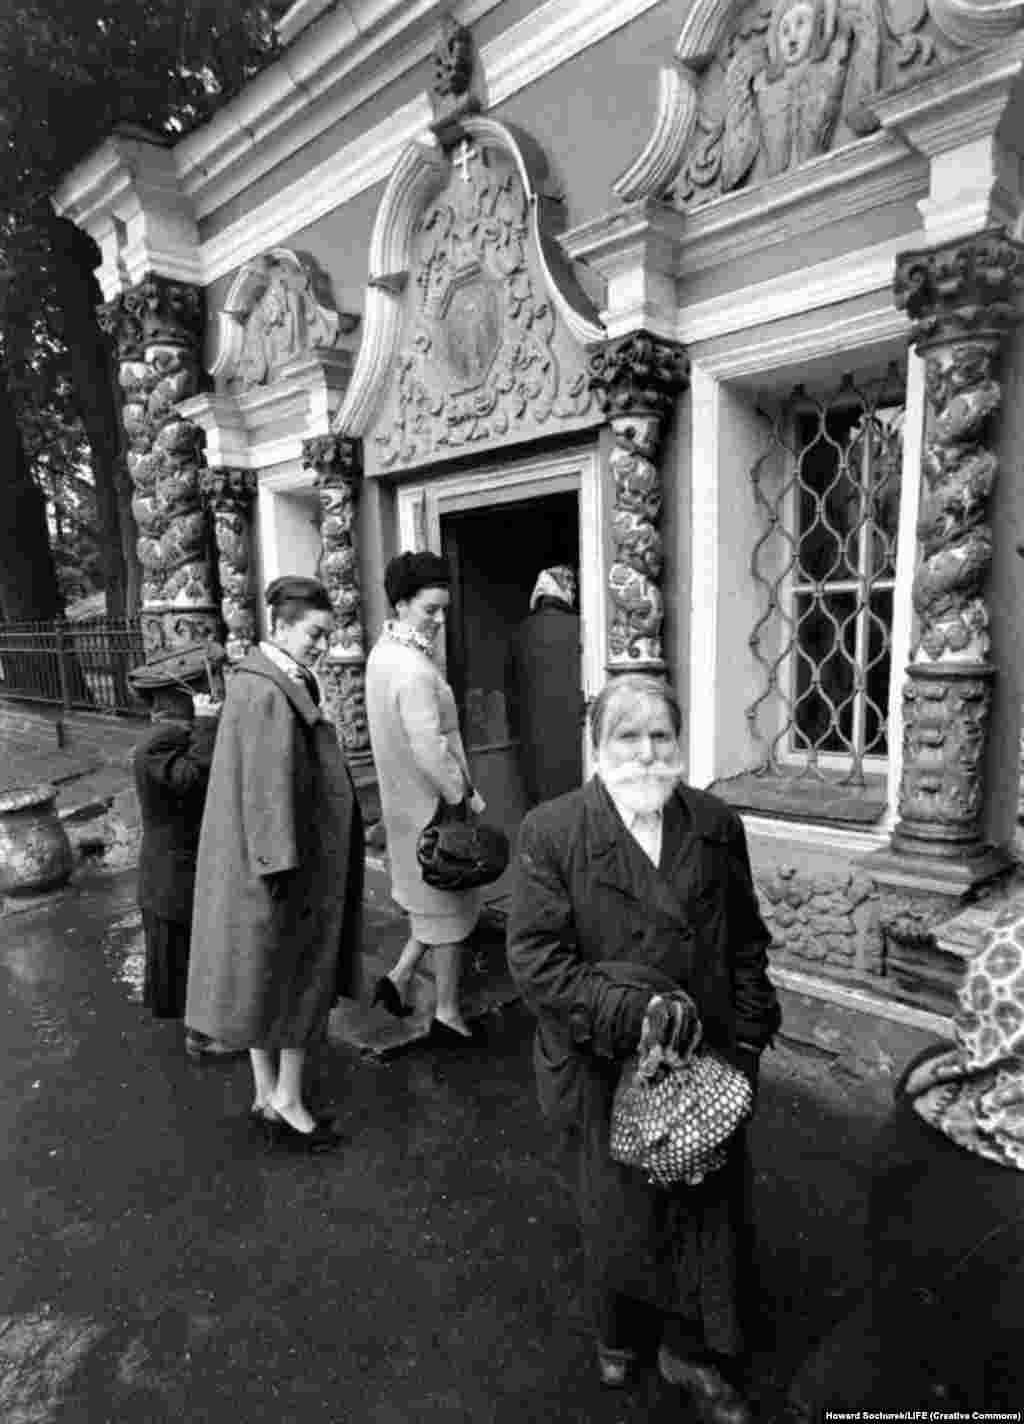 Француженки осматривают советского джентльмена при входе в церковь в дождливый день.